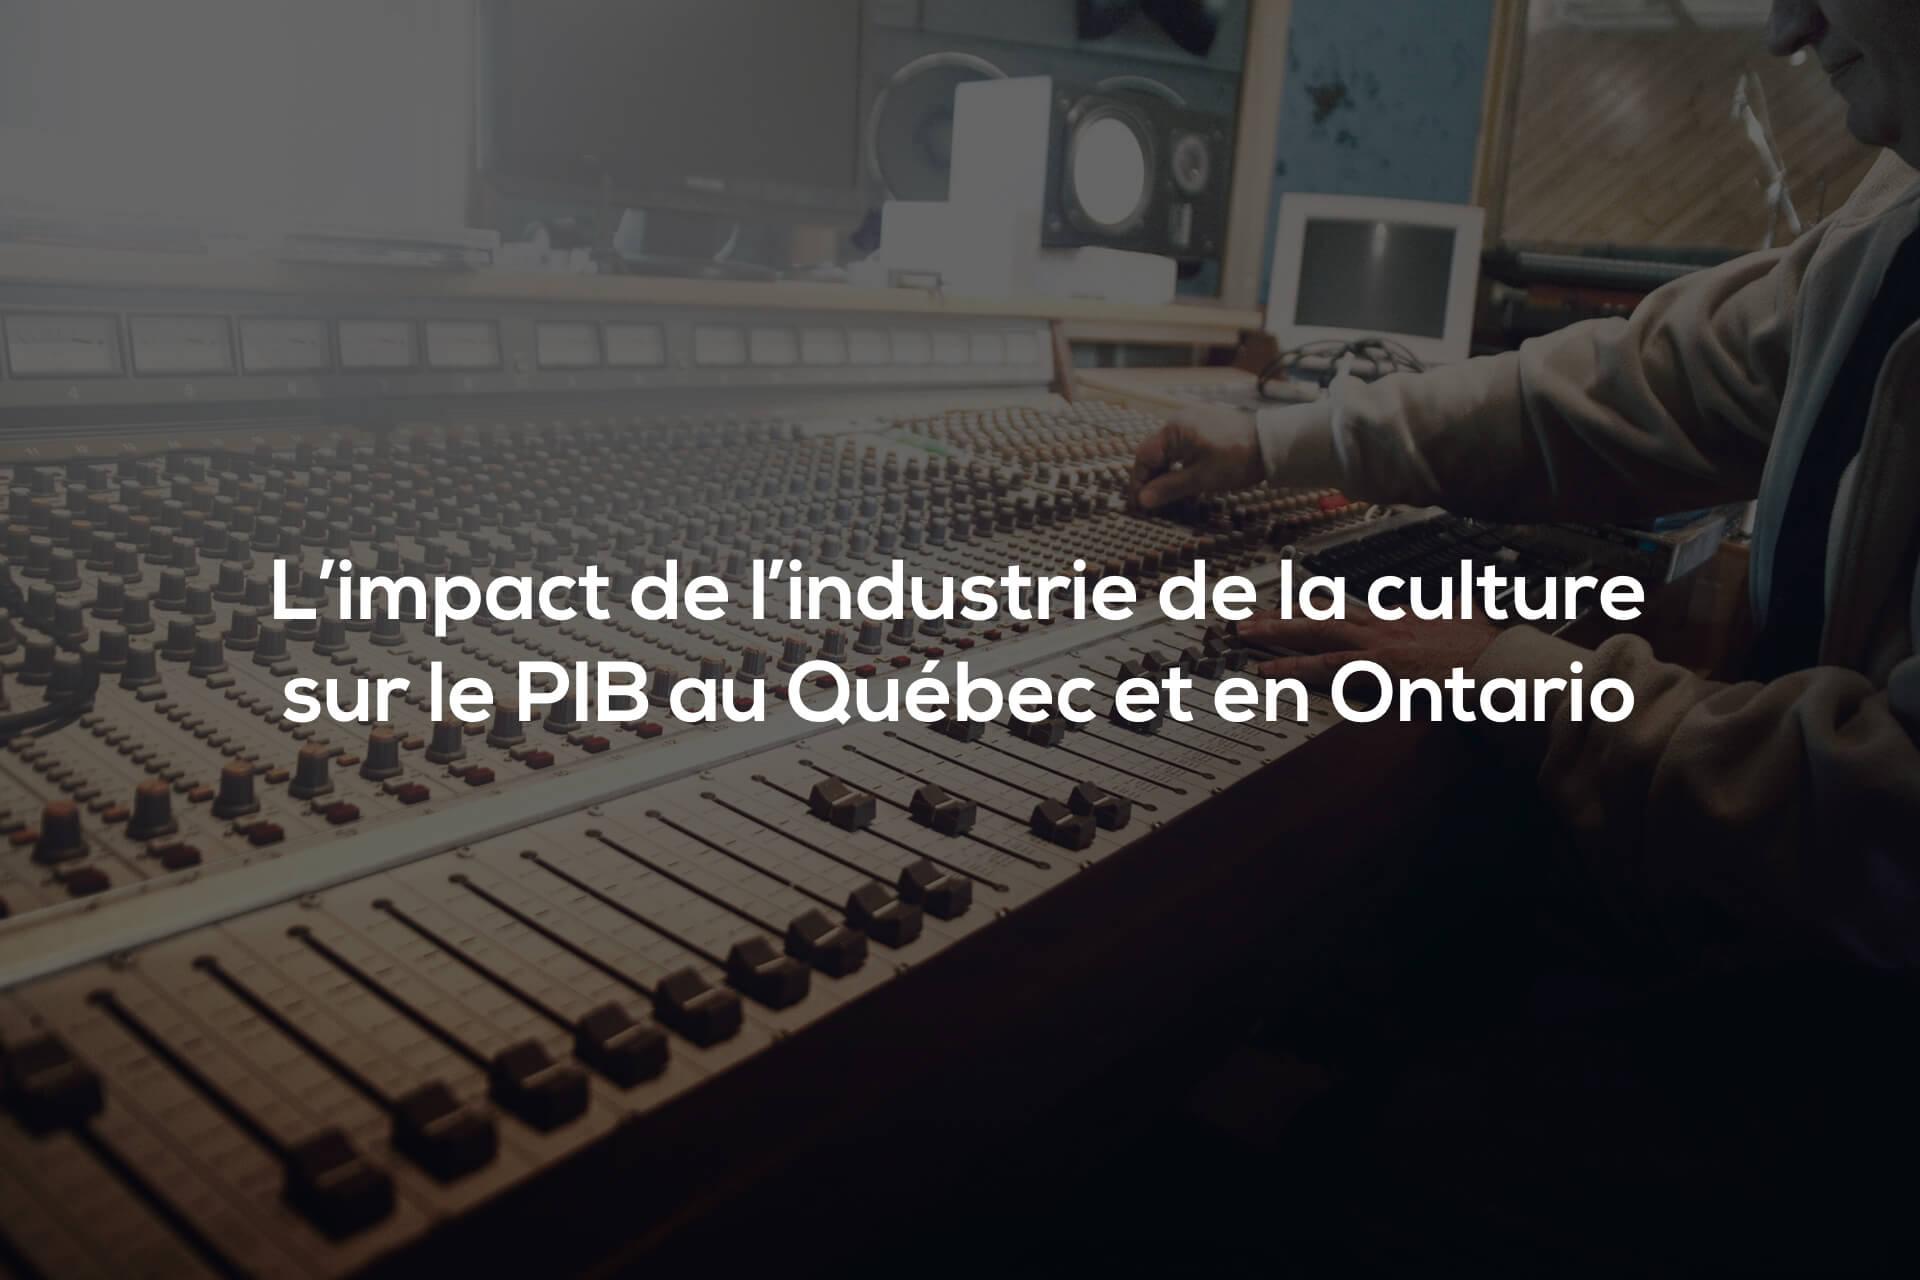 L'impact de l'industrie de la culture sur le PIB au Québec et en Ontario